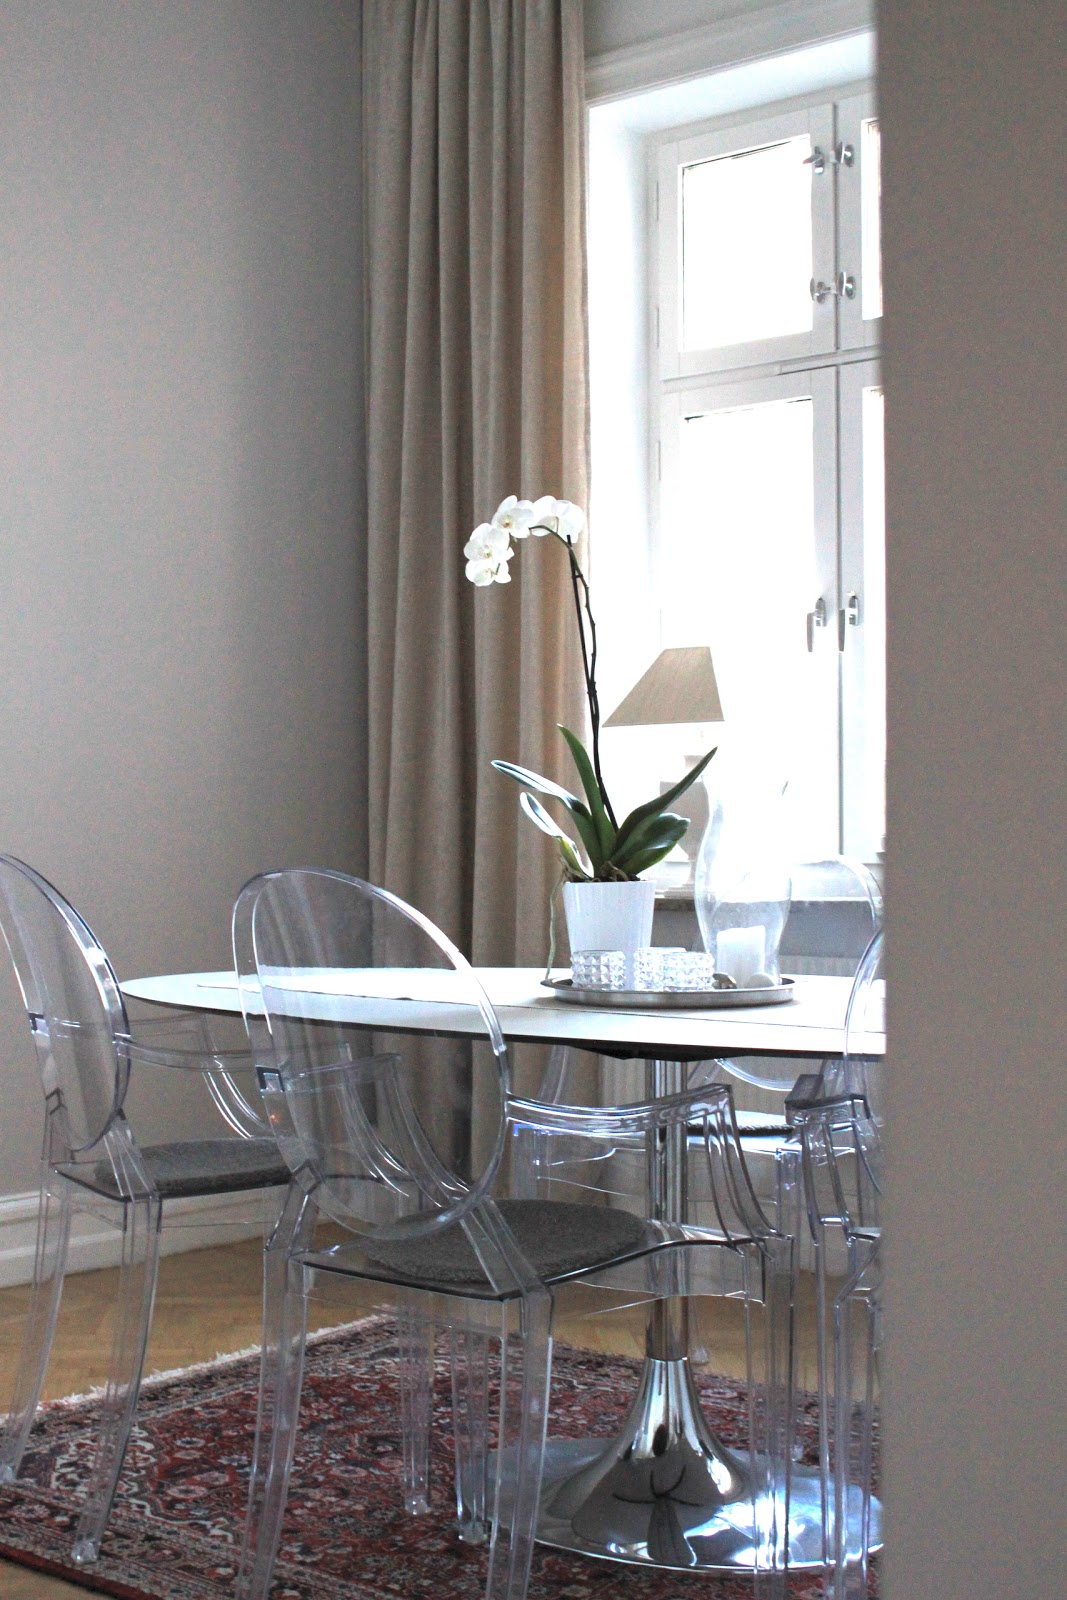 ilva gardiner Days of Inspiration: The dining room ilva gardiner